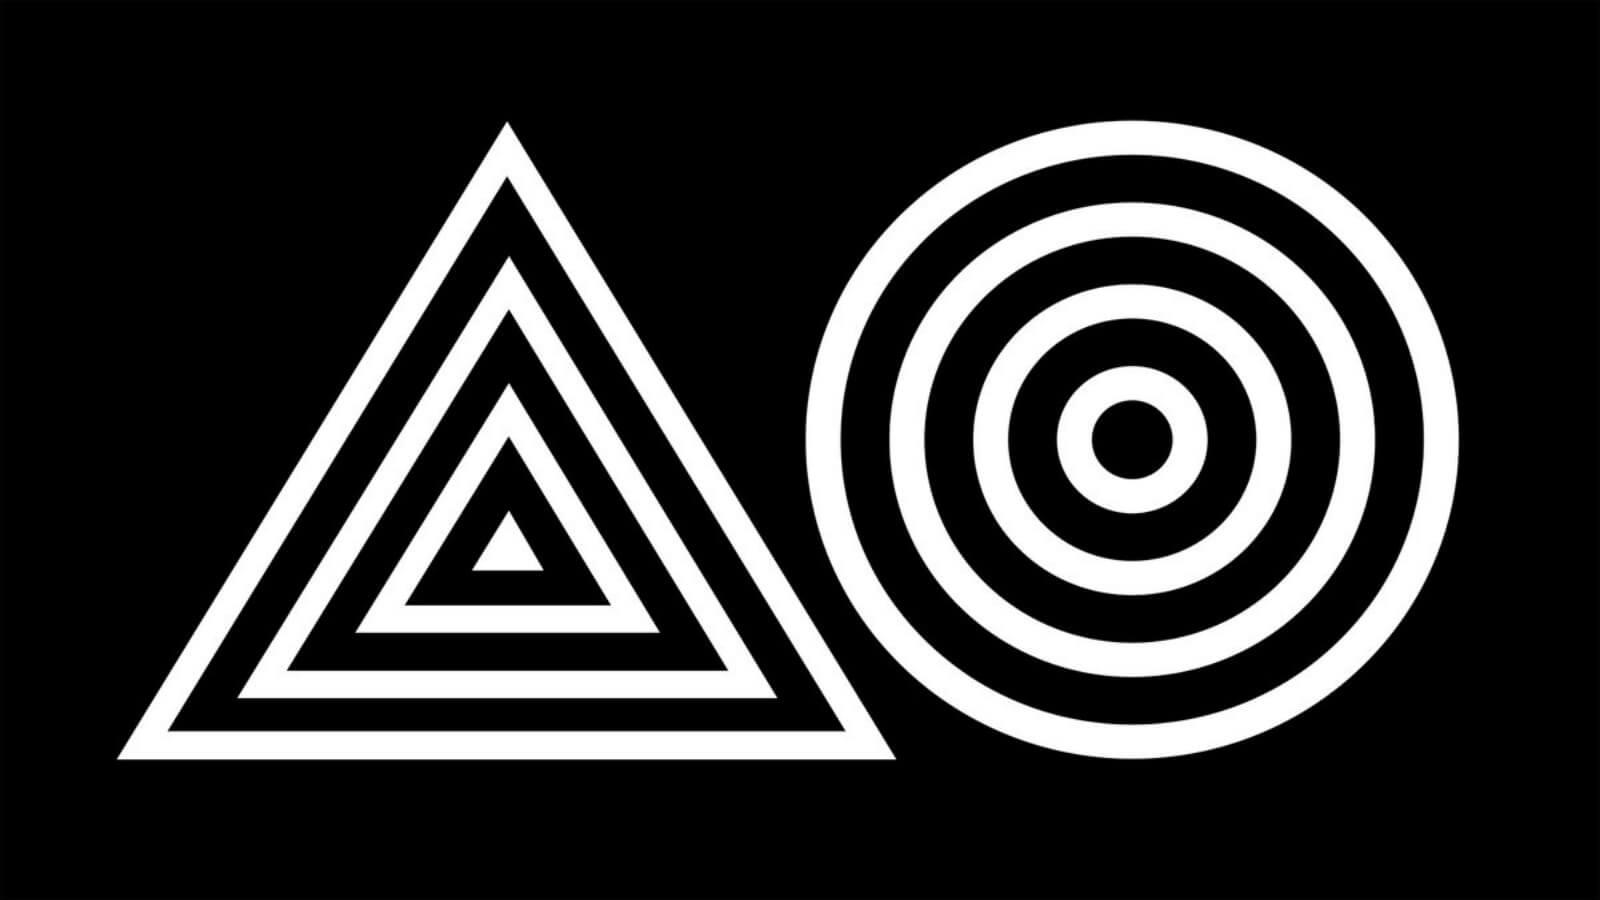 AGI: El mejor congreso de diseño estará presente en CDMX 2018